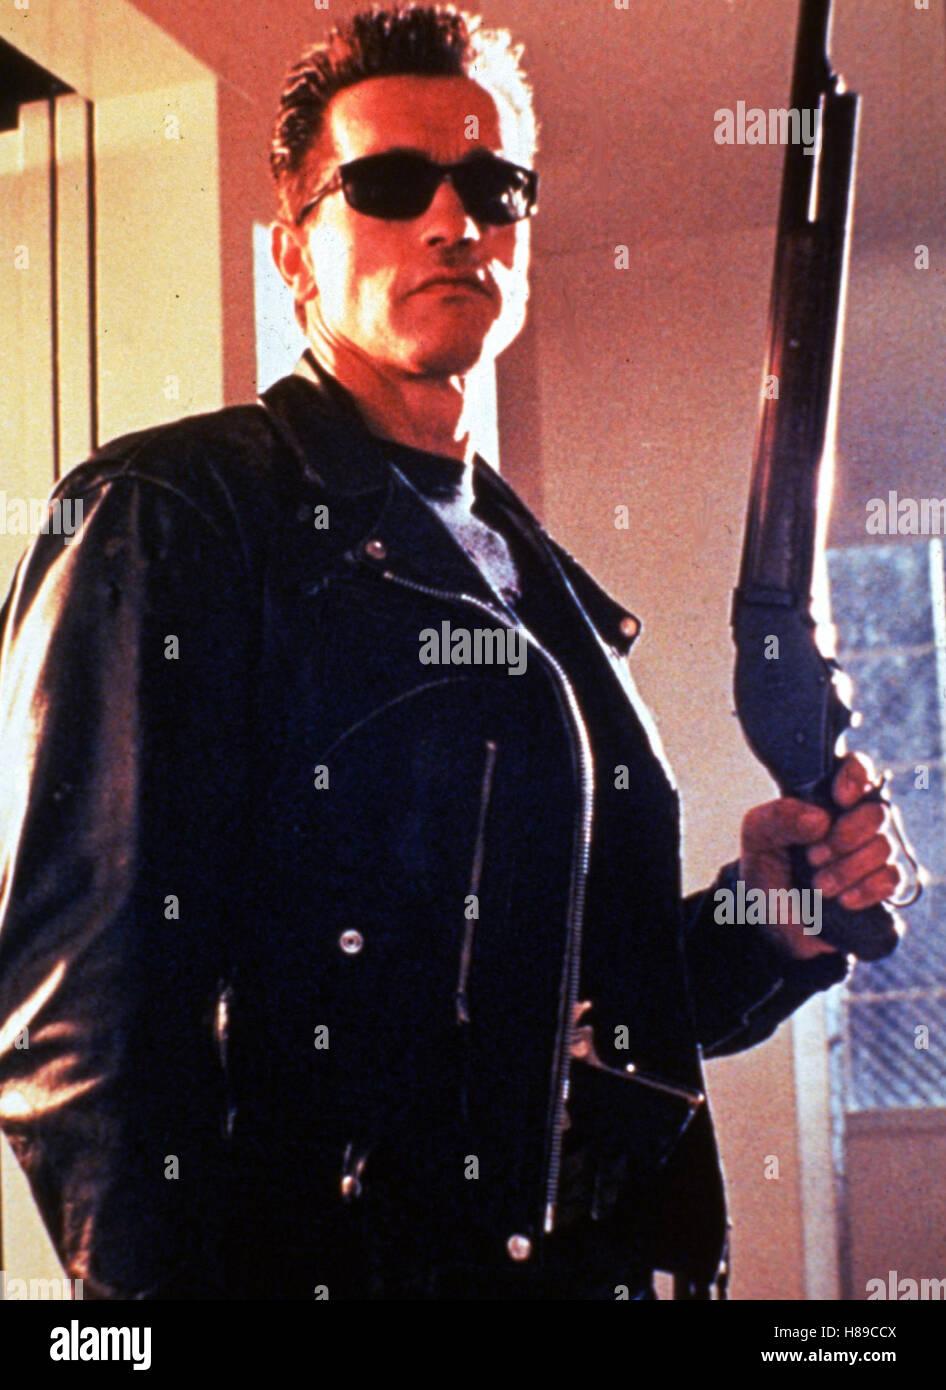 James Cameron Arnold Schwarzenegger Stock S & James Cameron